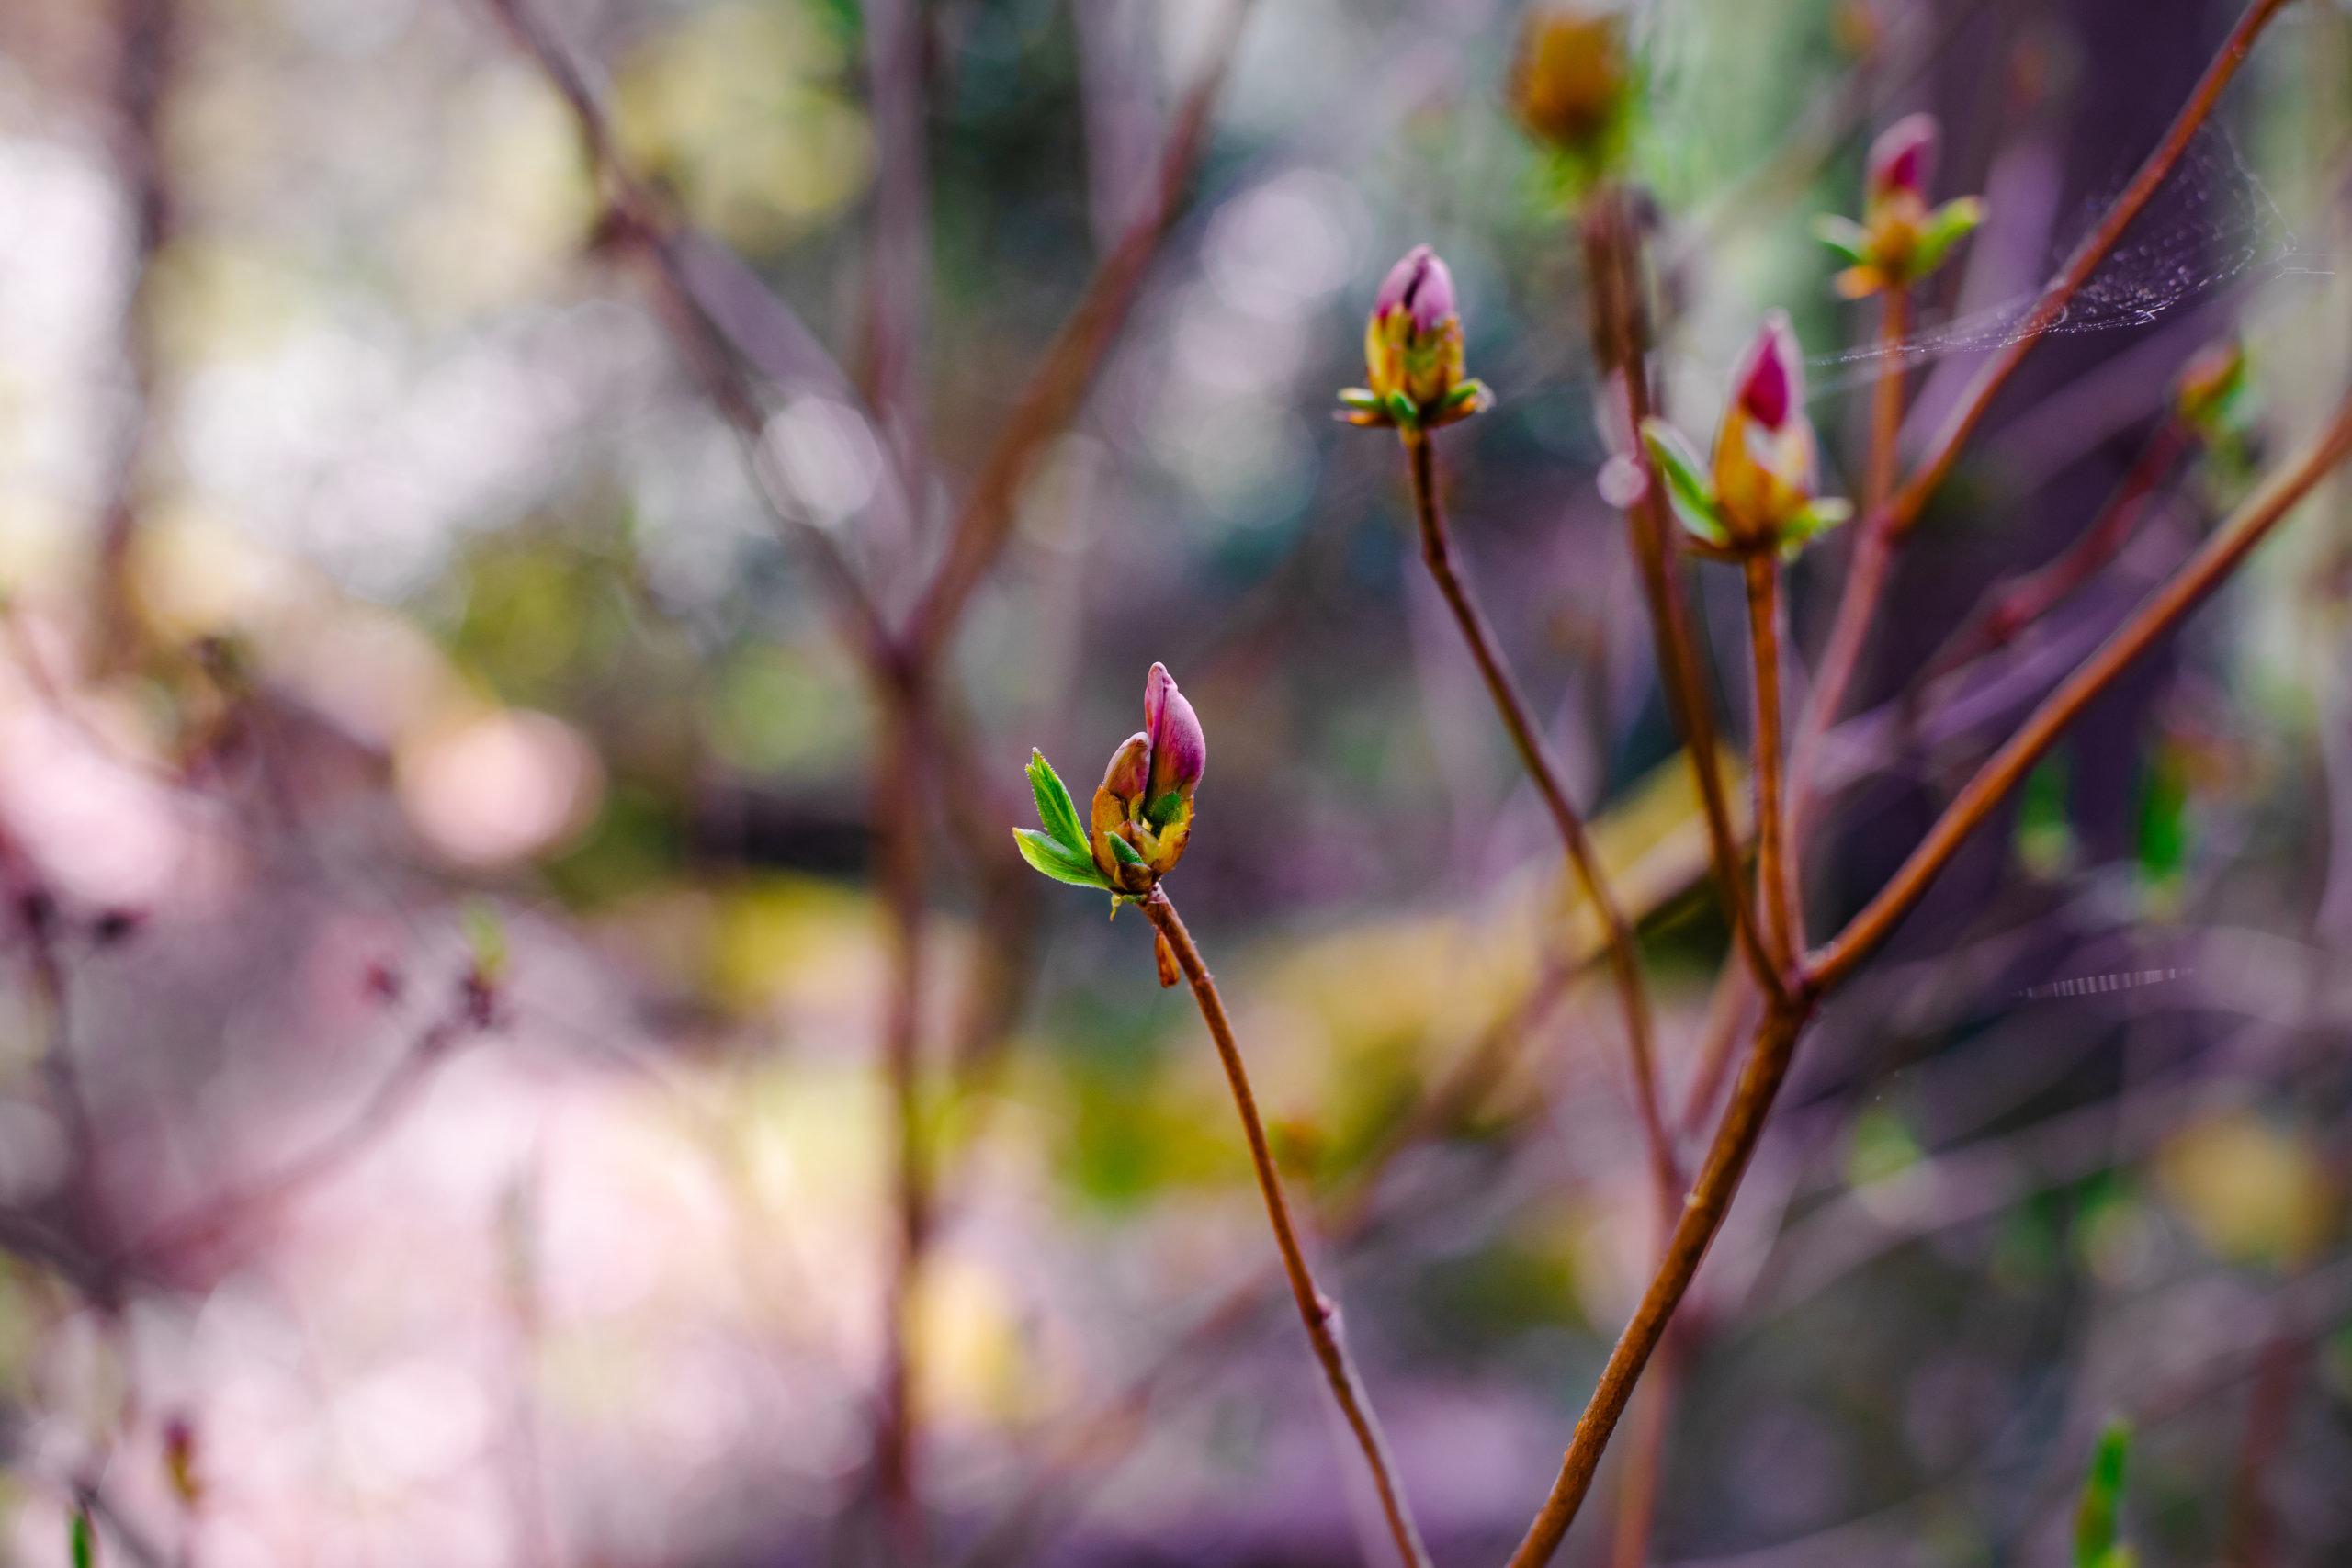 3,2 hehtaarin puutarhassa kasvaa sadoittain eri lajien puita ja pensaita. Mystisen kauneuden ja tunnelman aistii vain paikan päällä. Kuva: Visit Kangasala, Tiia Ennala